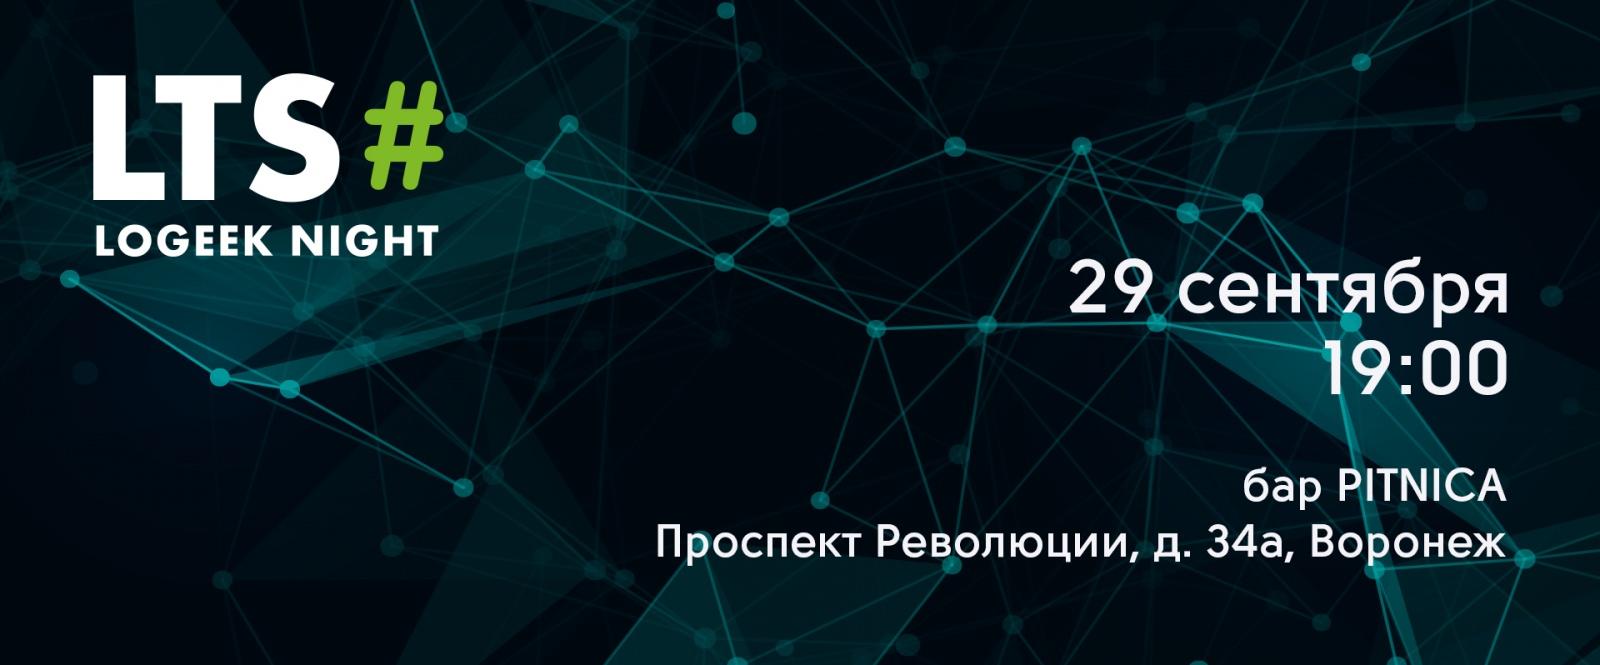 Logeek Night в Воронеже - 1